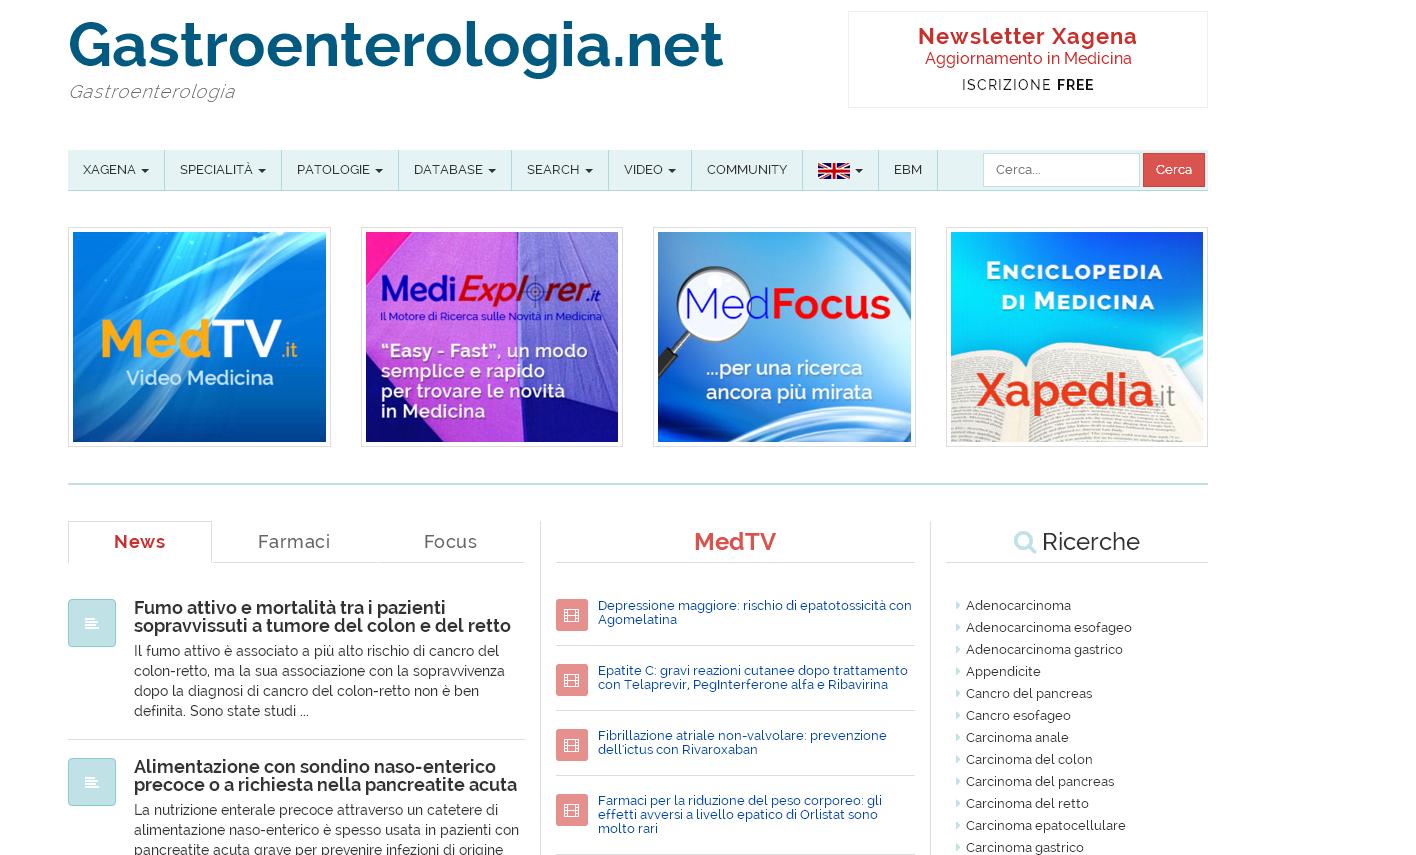 Gastroenterologia.net